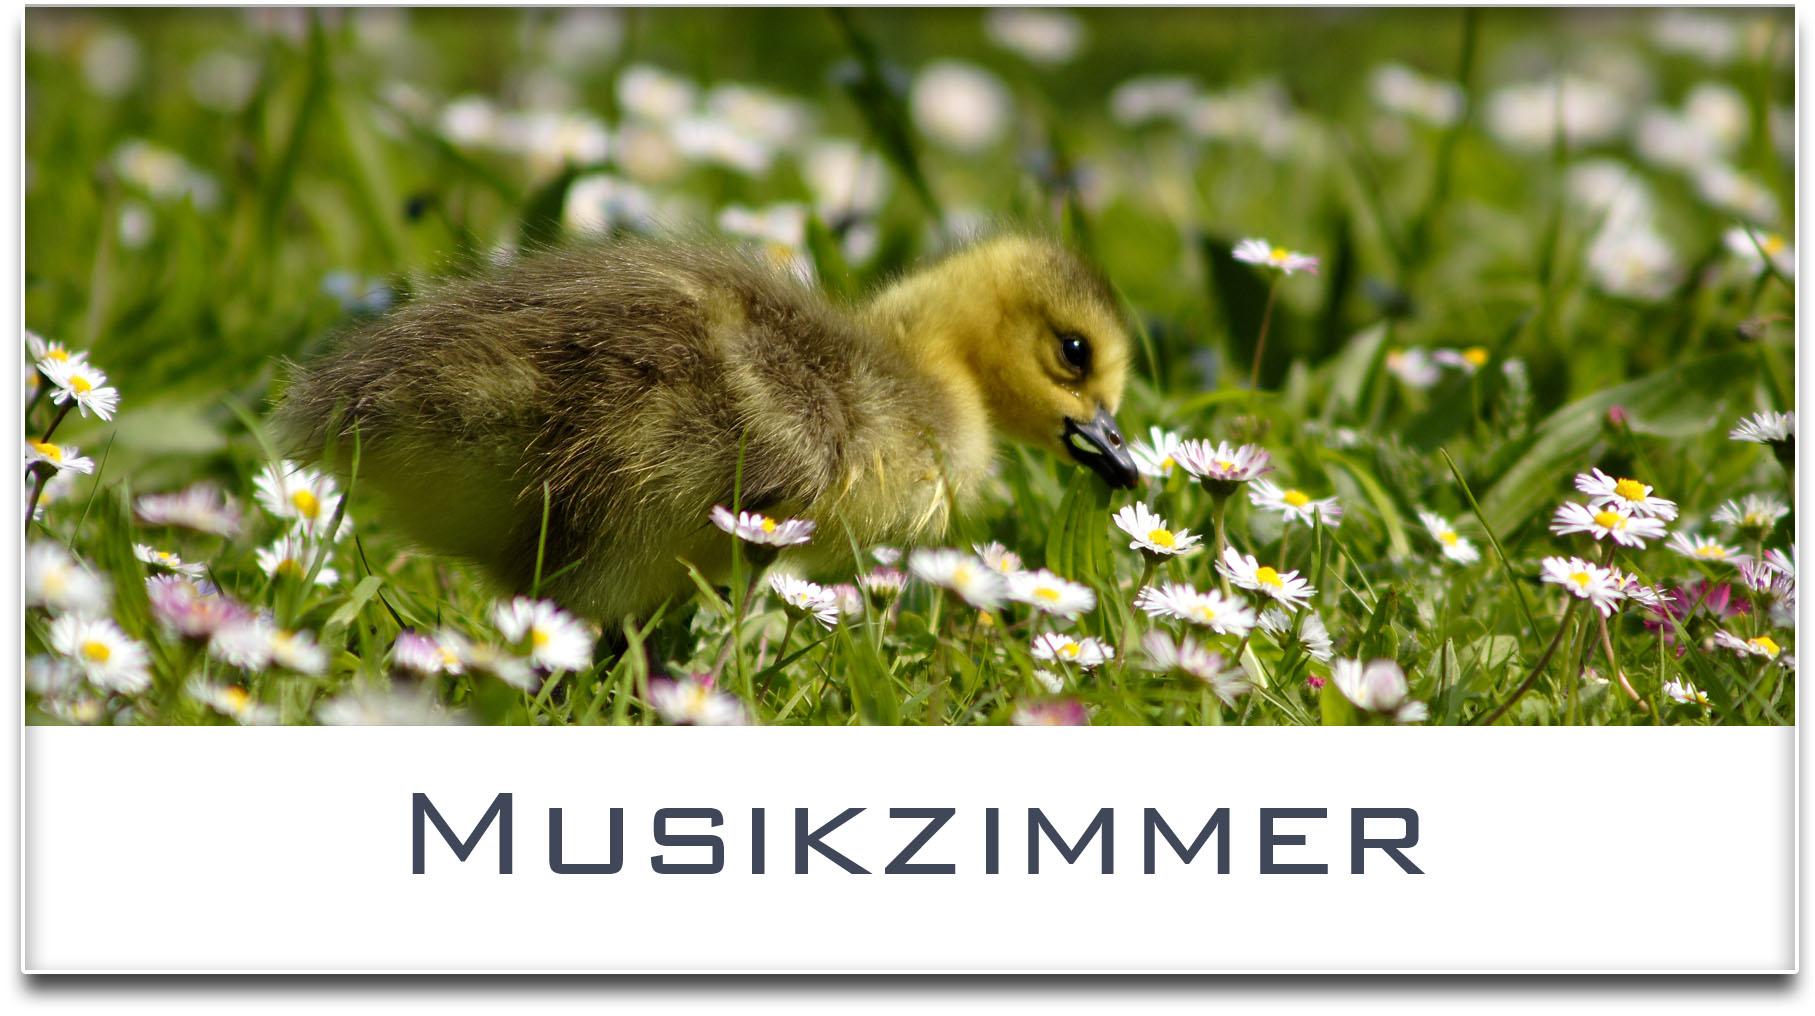 Türschild / Haustürschild / Entenküken / Musikzimmer / Selbstklebend